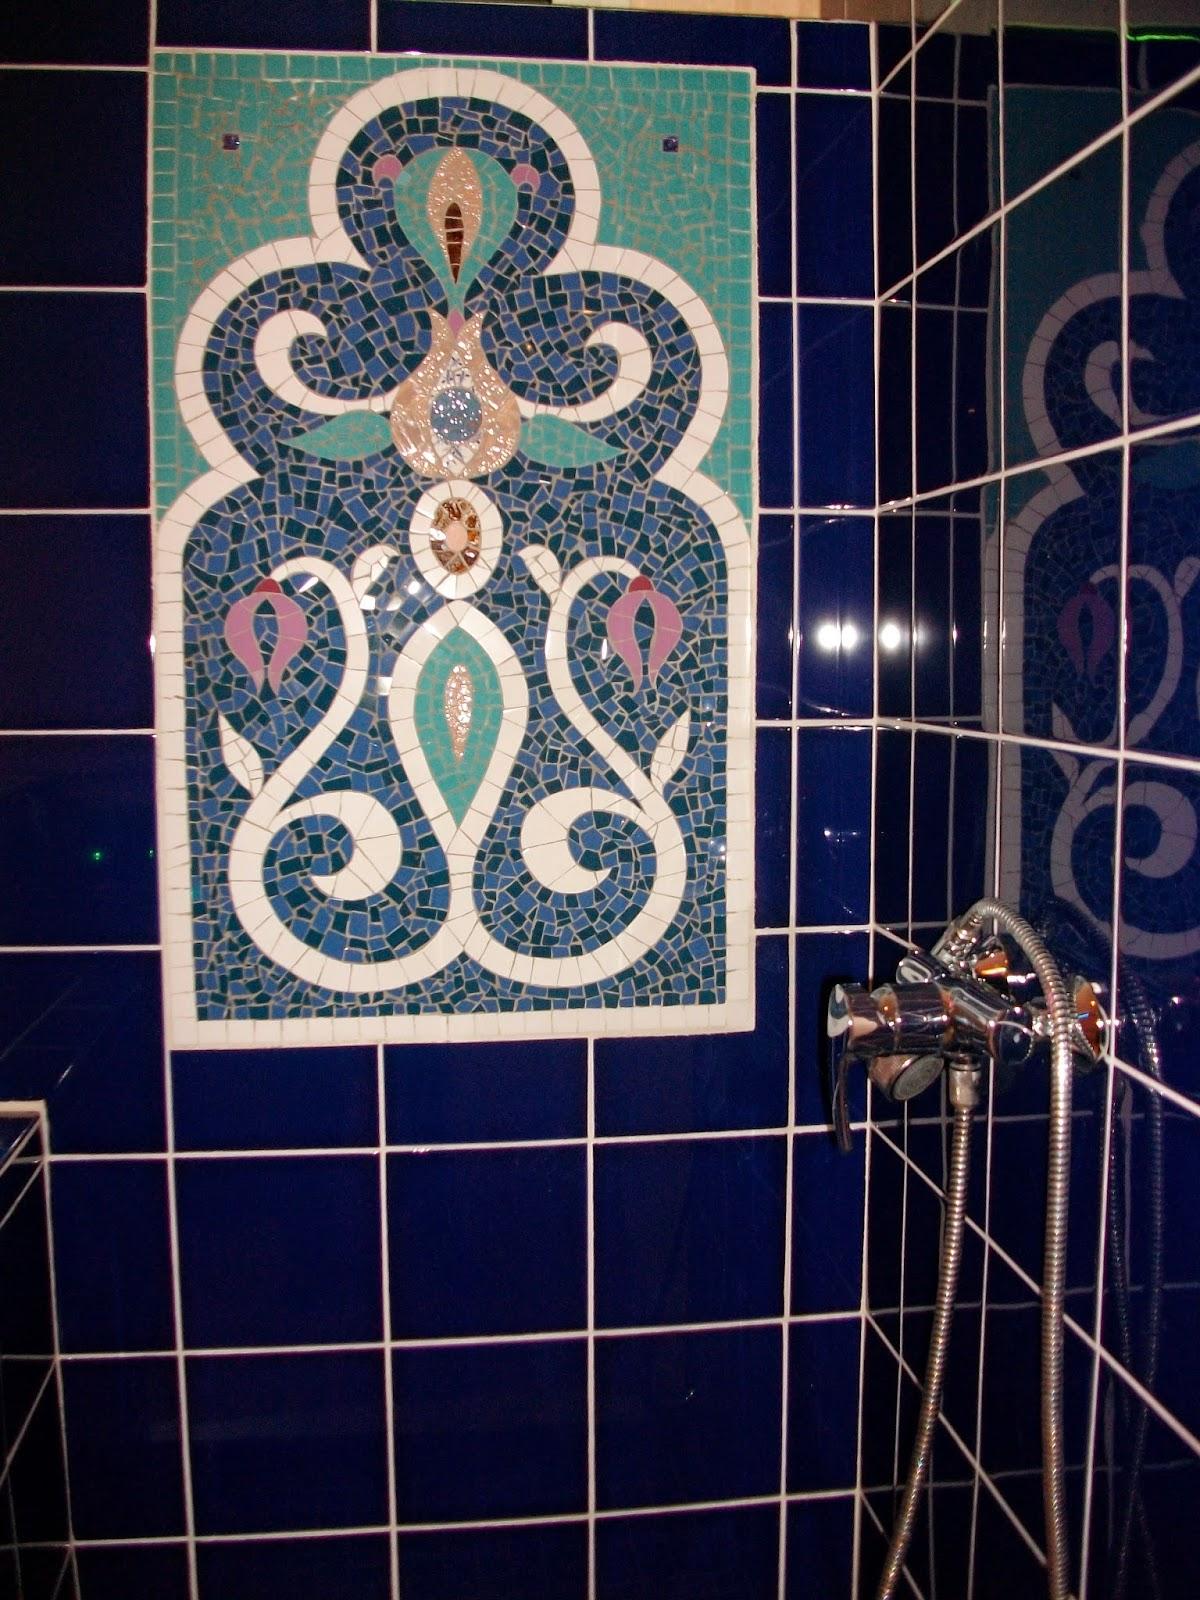 panneau mural en mosaique blanc et bleu en faïence fleur et arabesques orientaux créé pour une douche salle de bains apr mosaiste severine peugniez